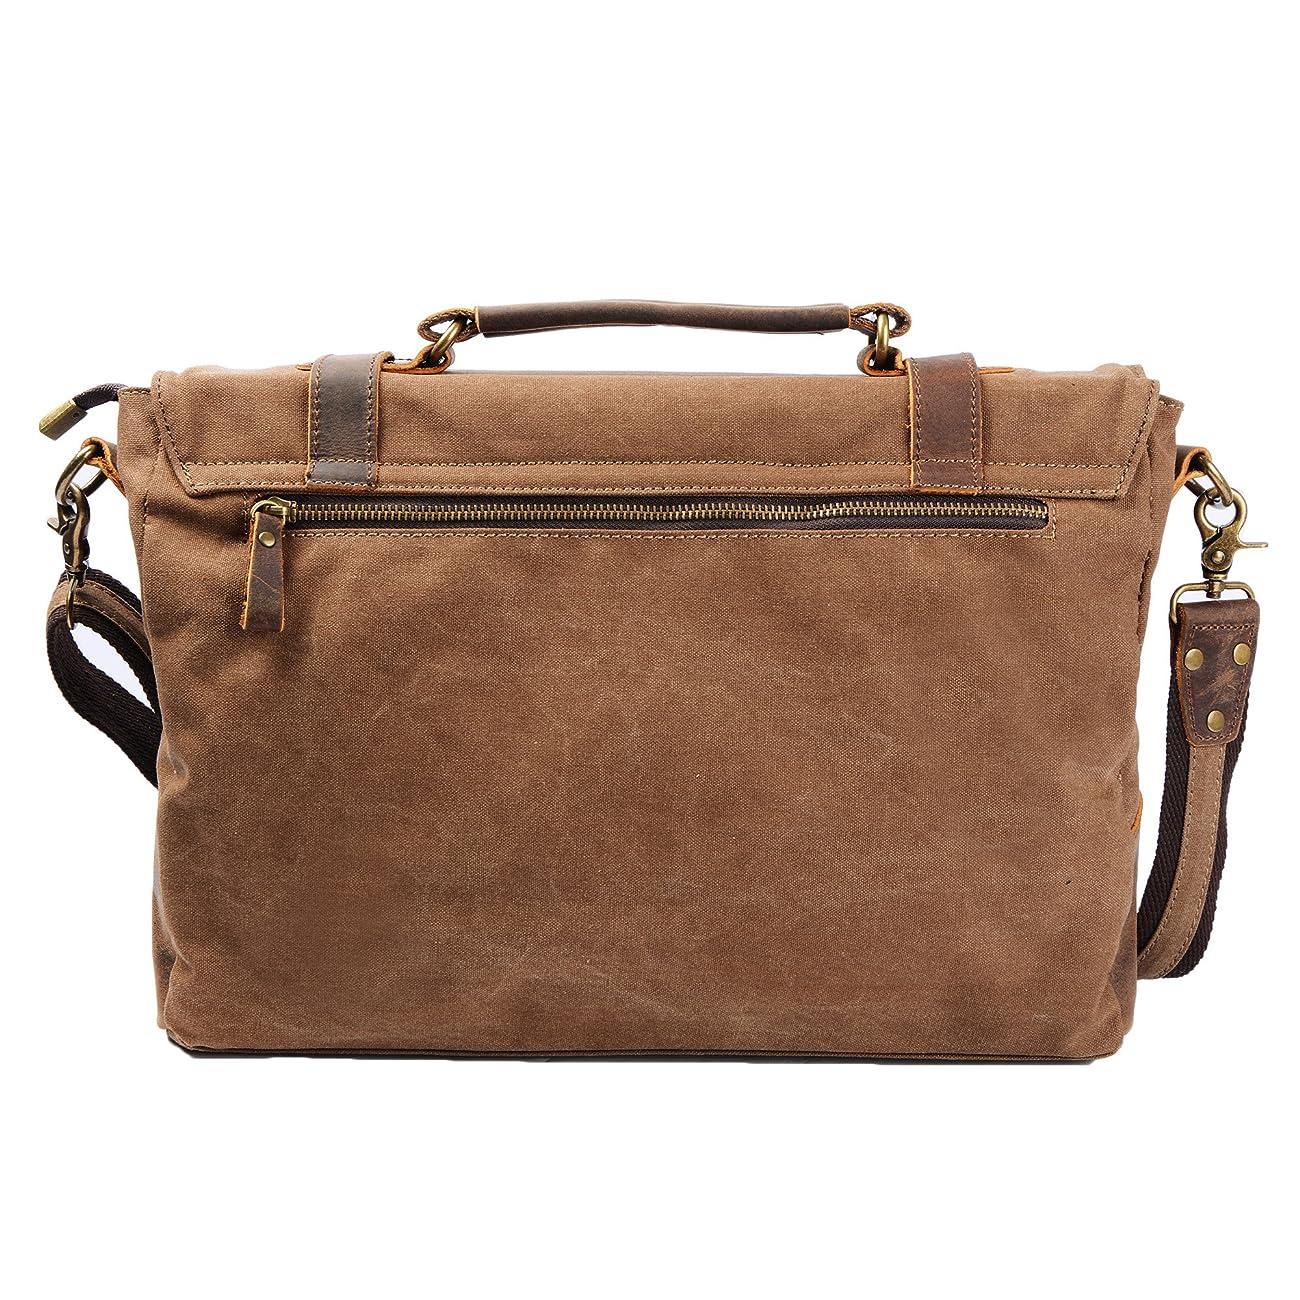 S ZONE Vintage Canvas Leather Messenger Traveling Briefcase Shoulder Laptop Bag 2